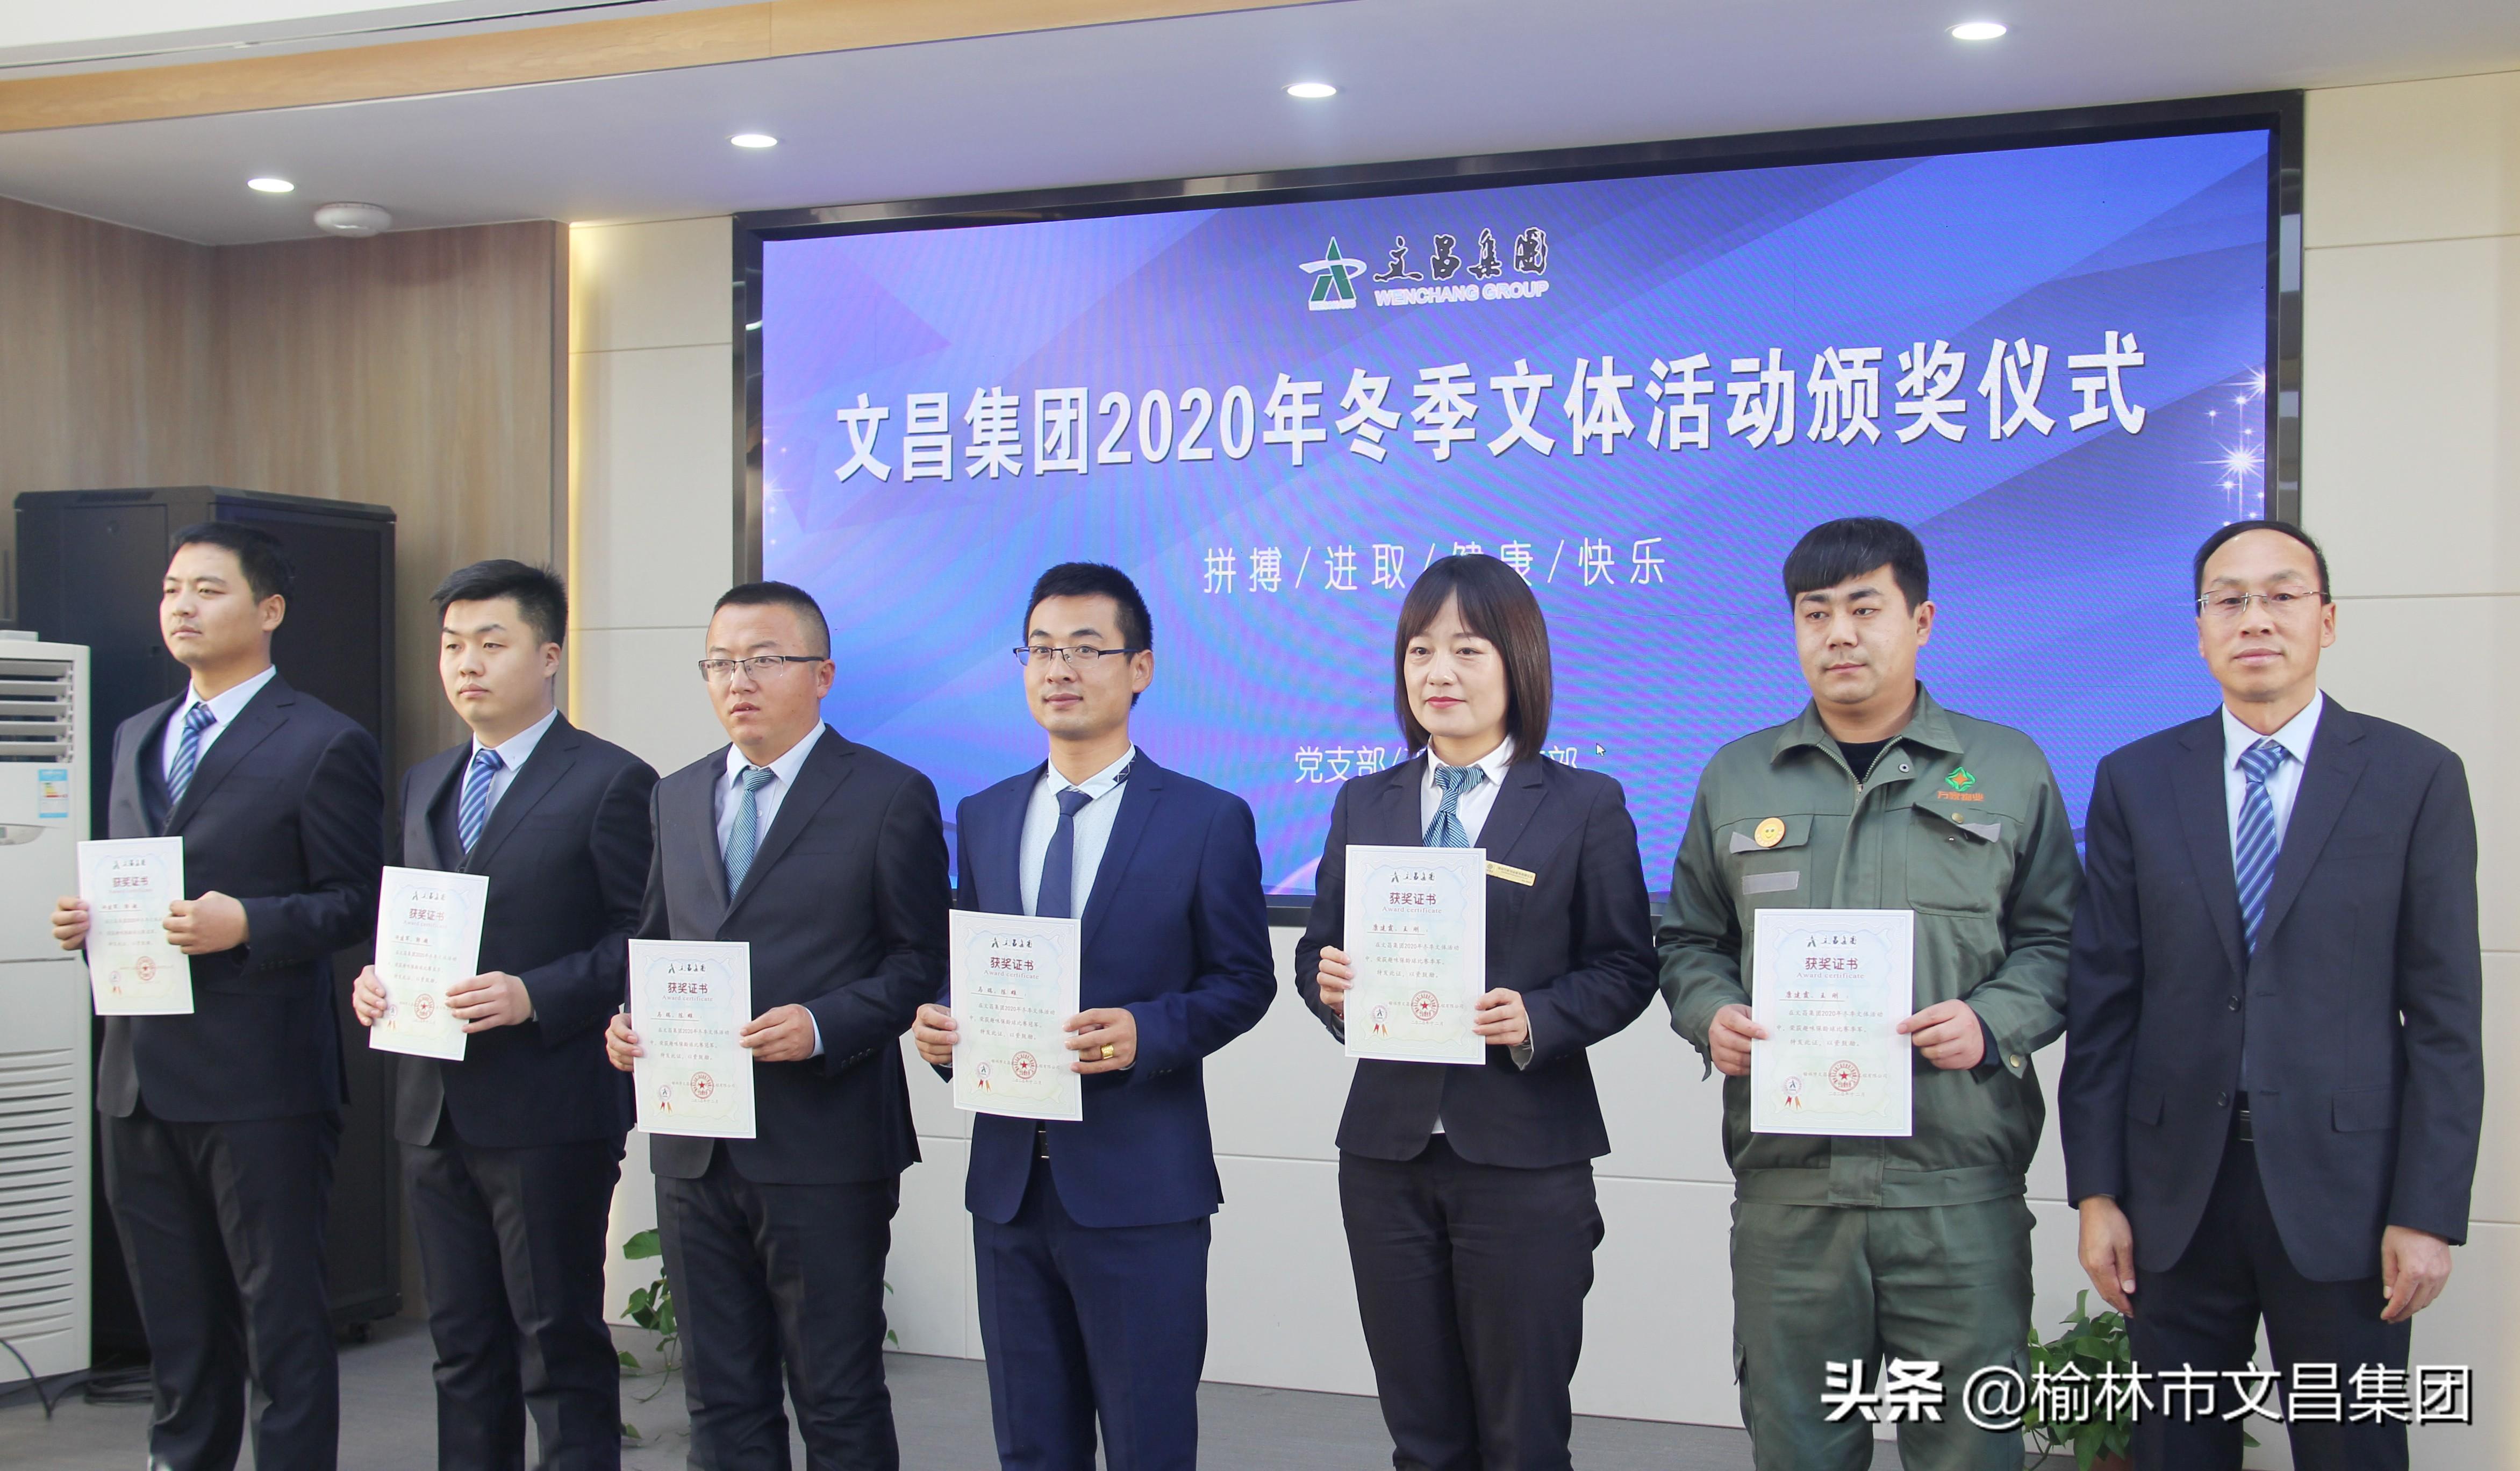 文昌|集團公司舉行2020年冬季文體活動頒獎儀式